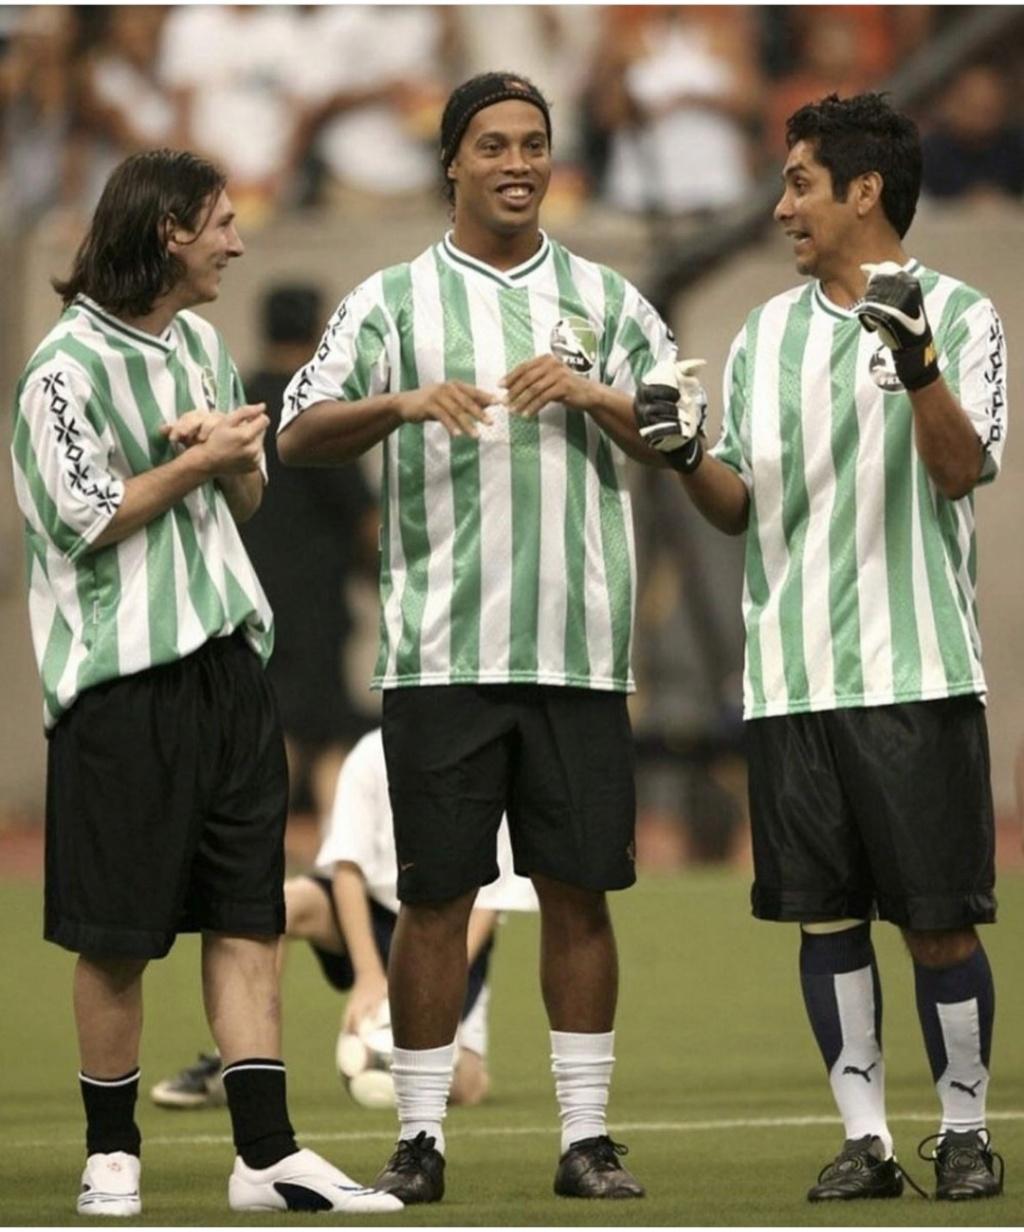 ¿Cuánto mide Jorge Campos? (El Brody) - Altura - Real height Img_2796